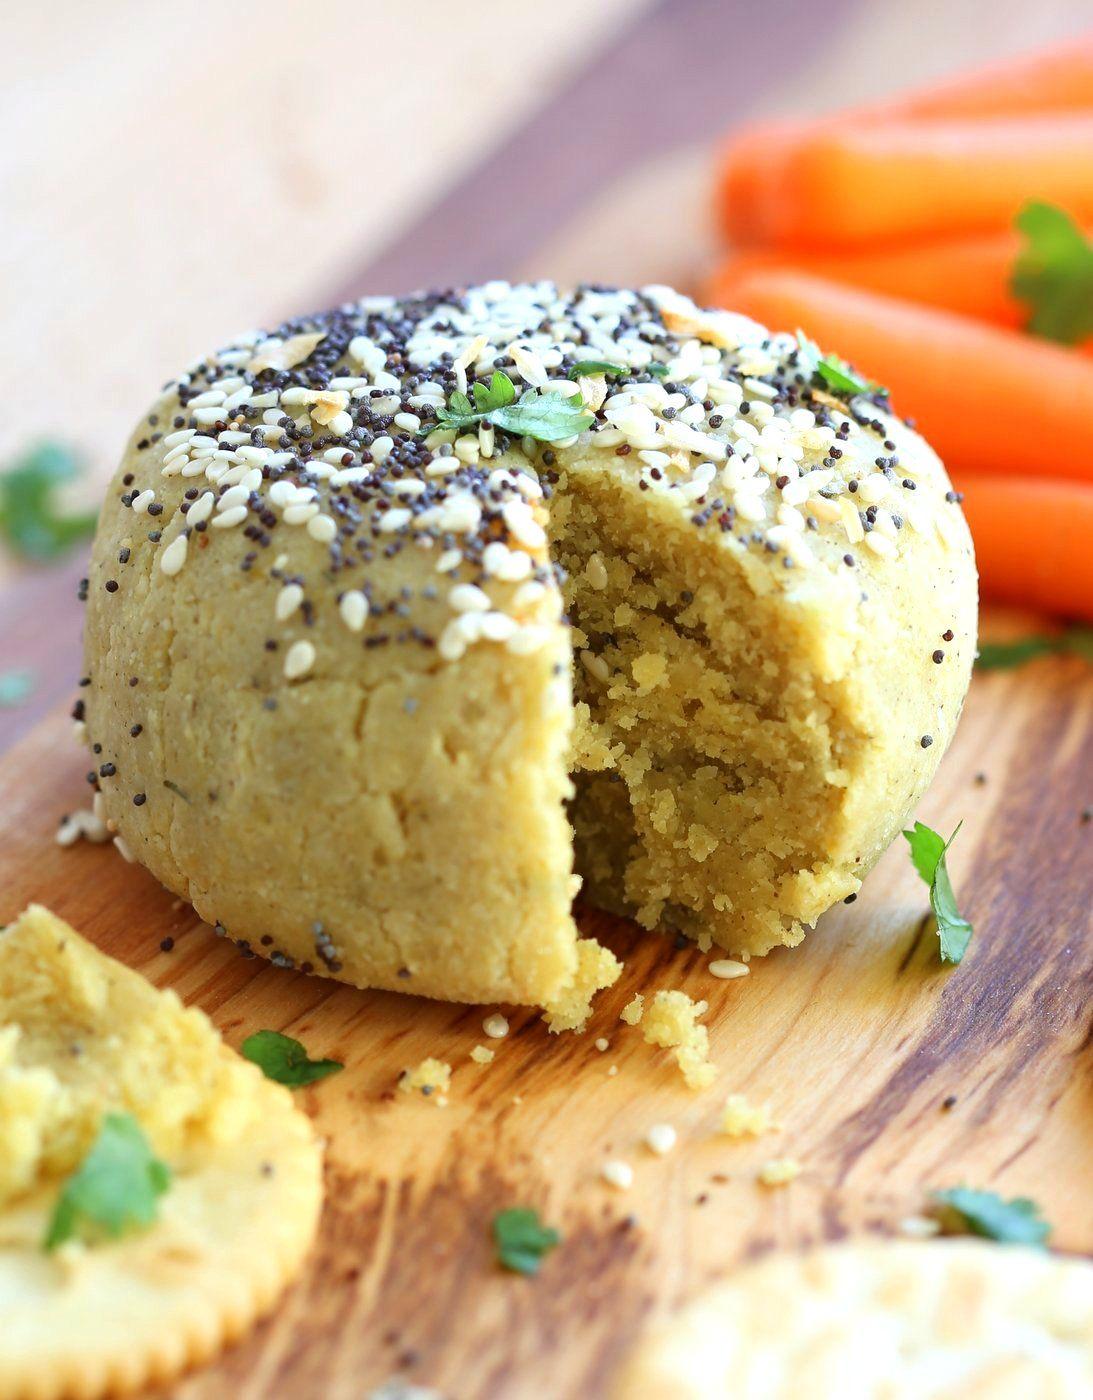 Everything Bagel Vegan Cheese Ball 10 Minute No Soaking Straining Vegan Richa Recipe Vegan Cheese Everything Bagel Cheese Ball